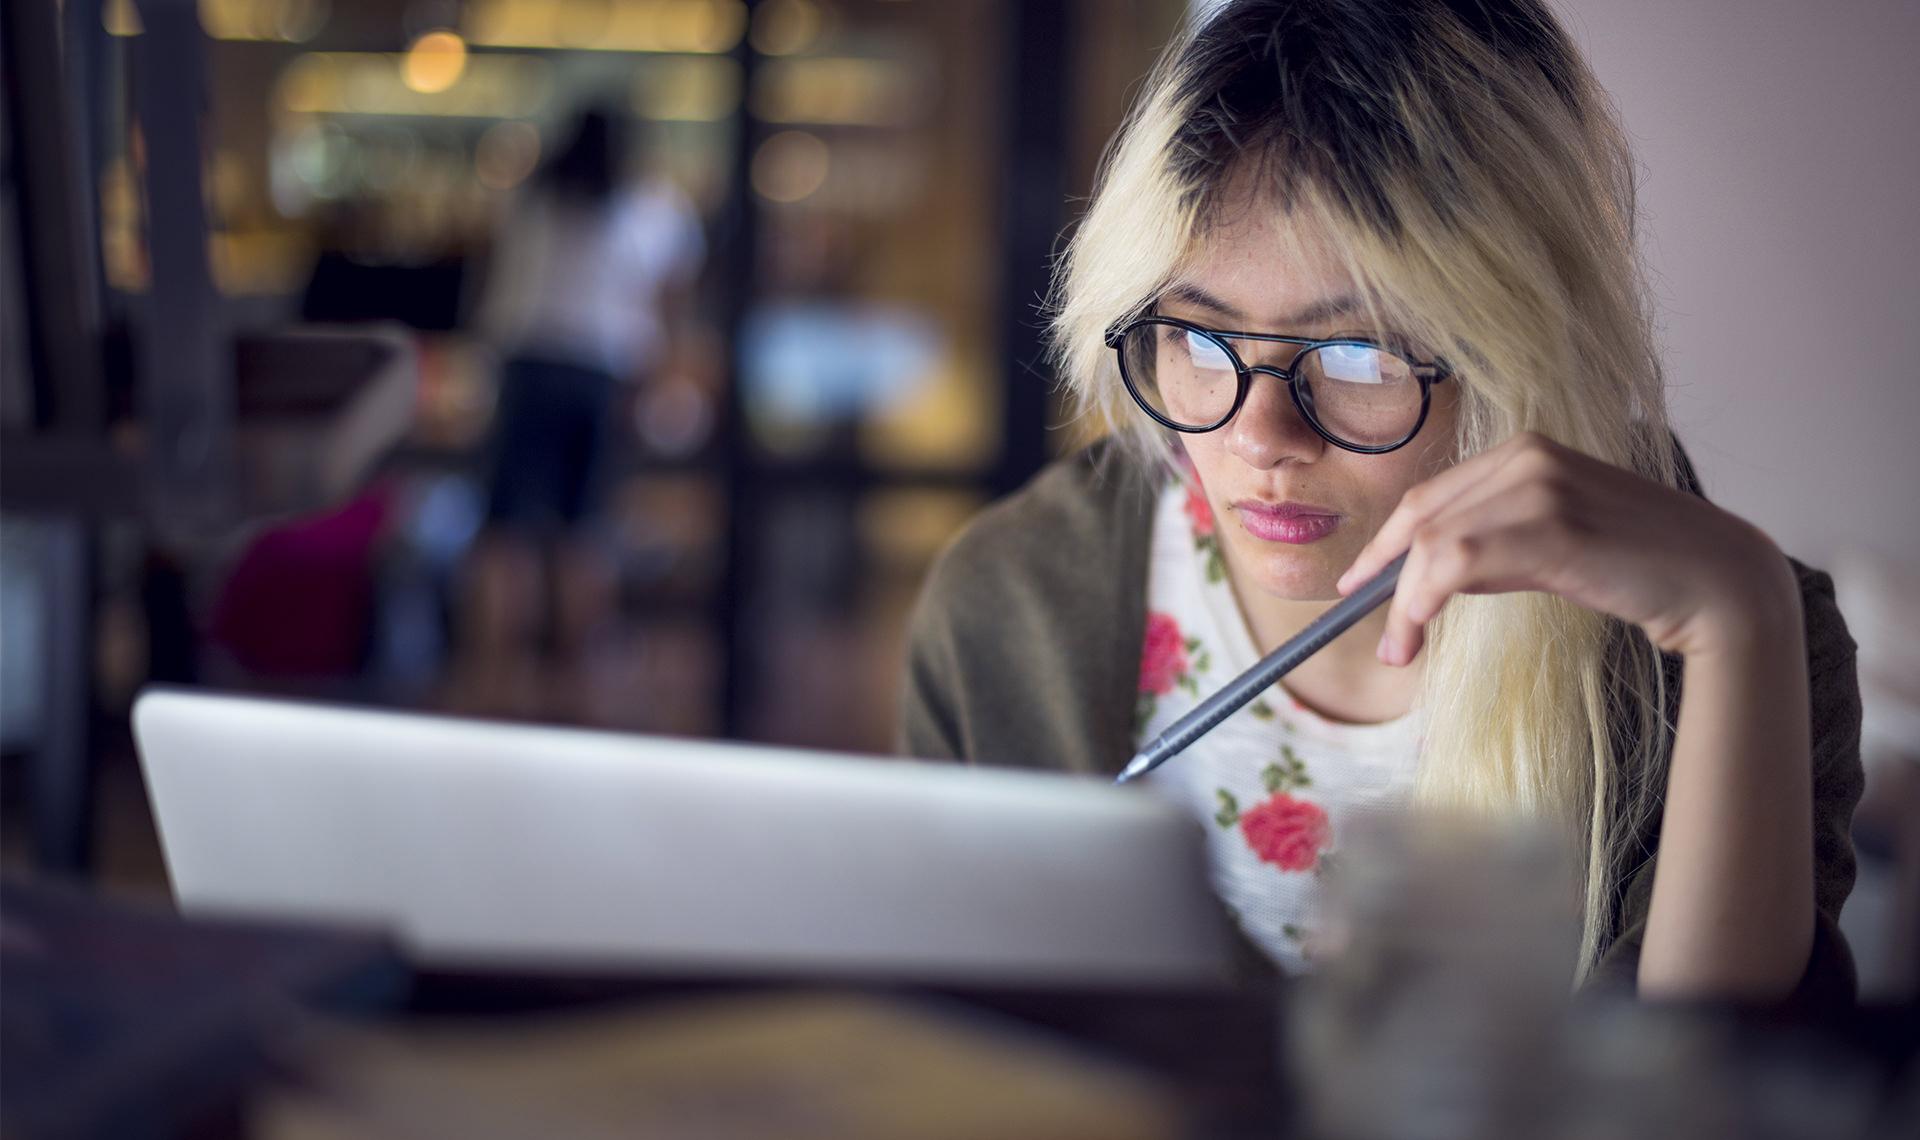 Een vrouw kijkt geconcentreerd naar haar laptopscherm